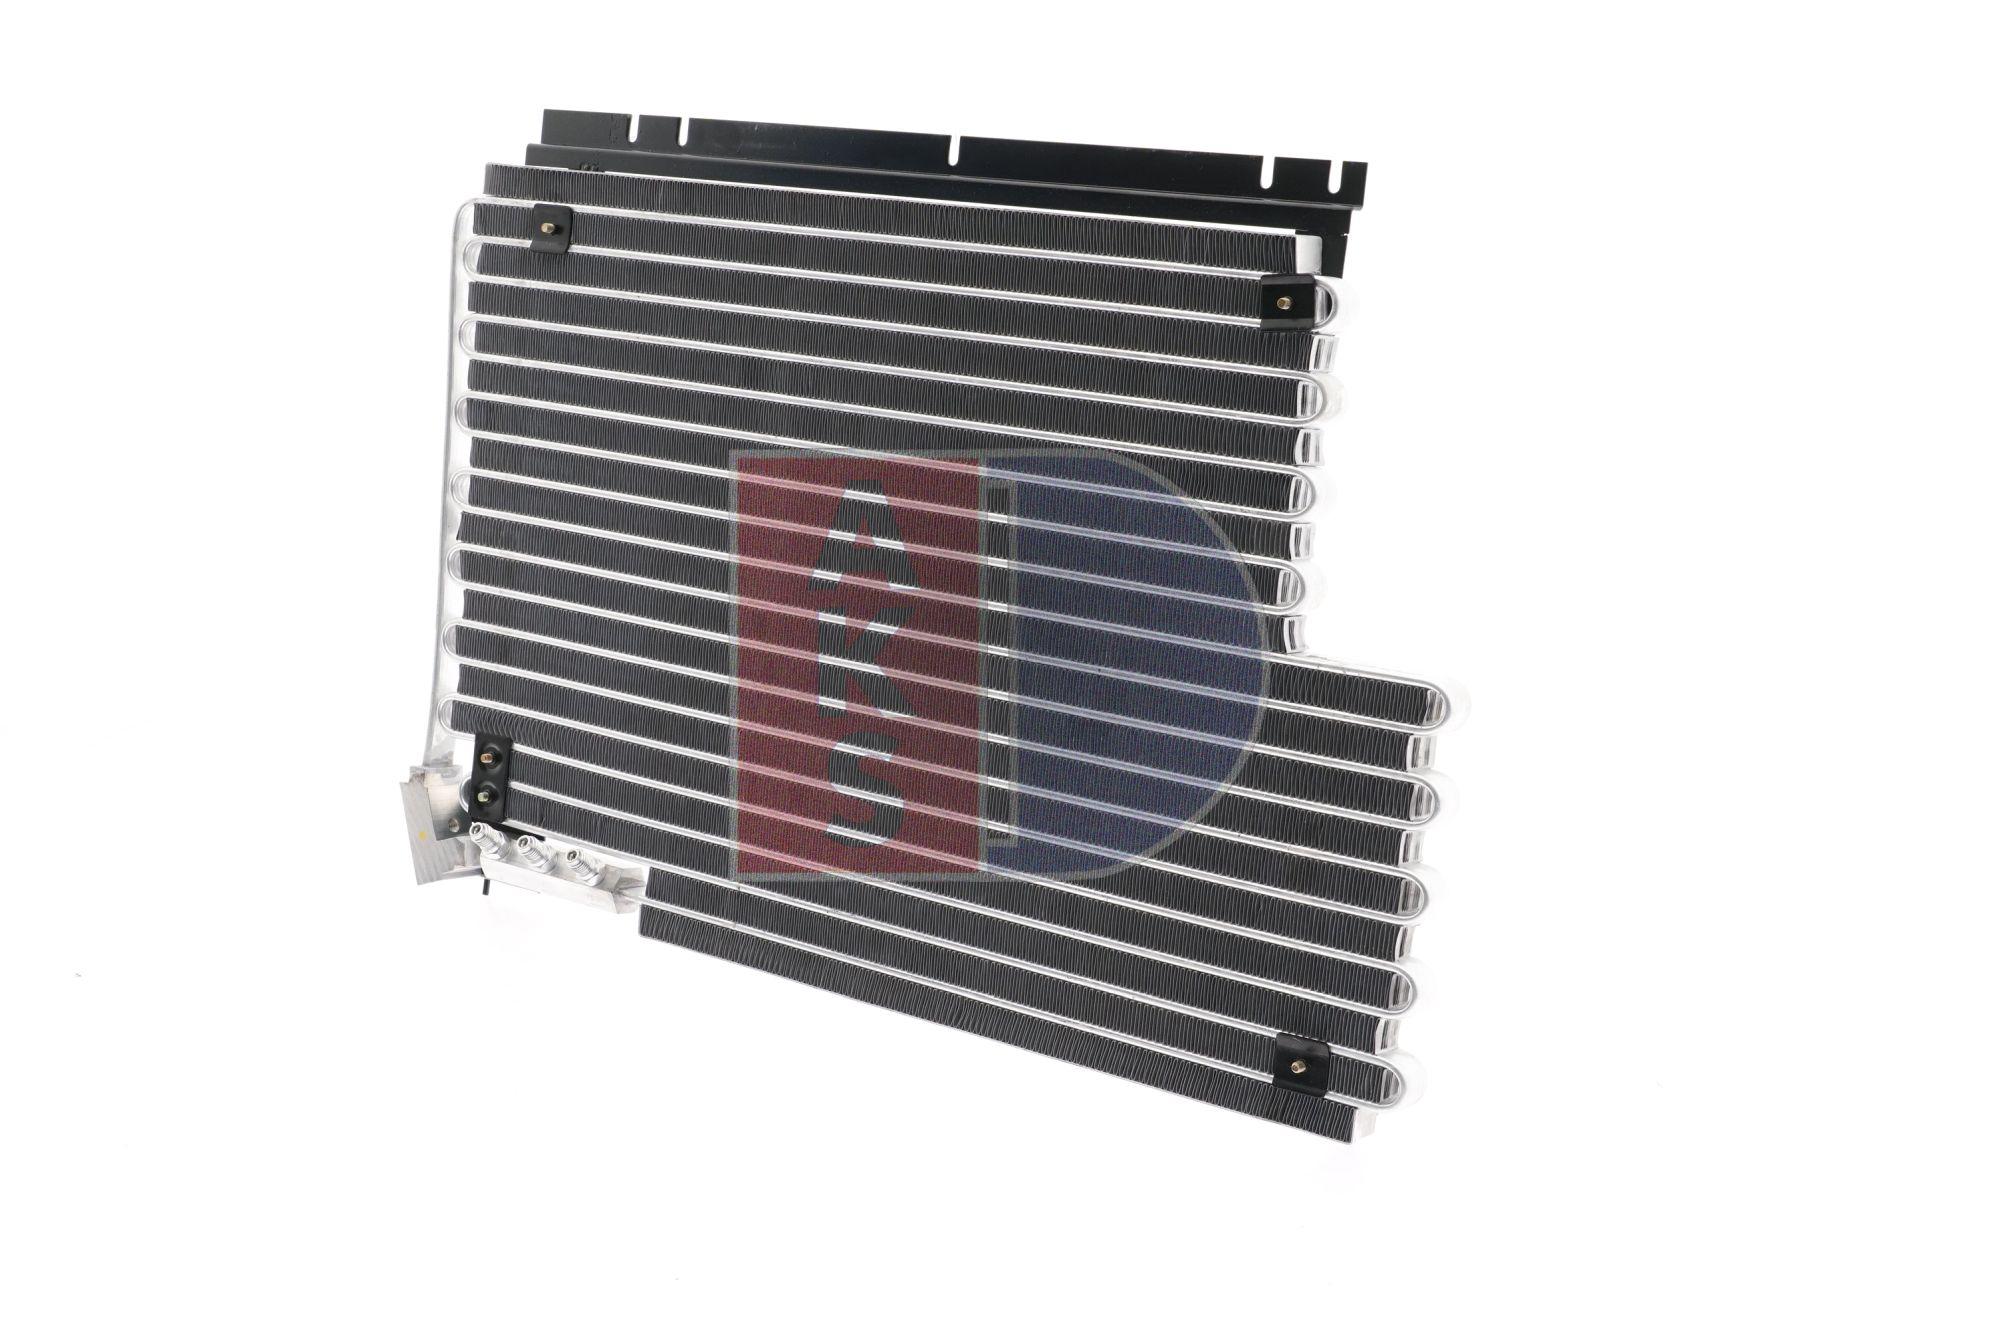 AKS DASIS: Original Kfz-Klimatisierung 222001N (Netzmaße: 580x397x21)